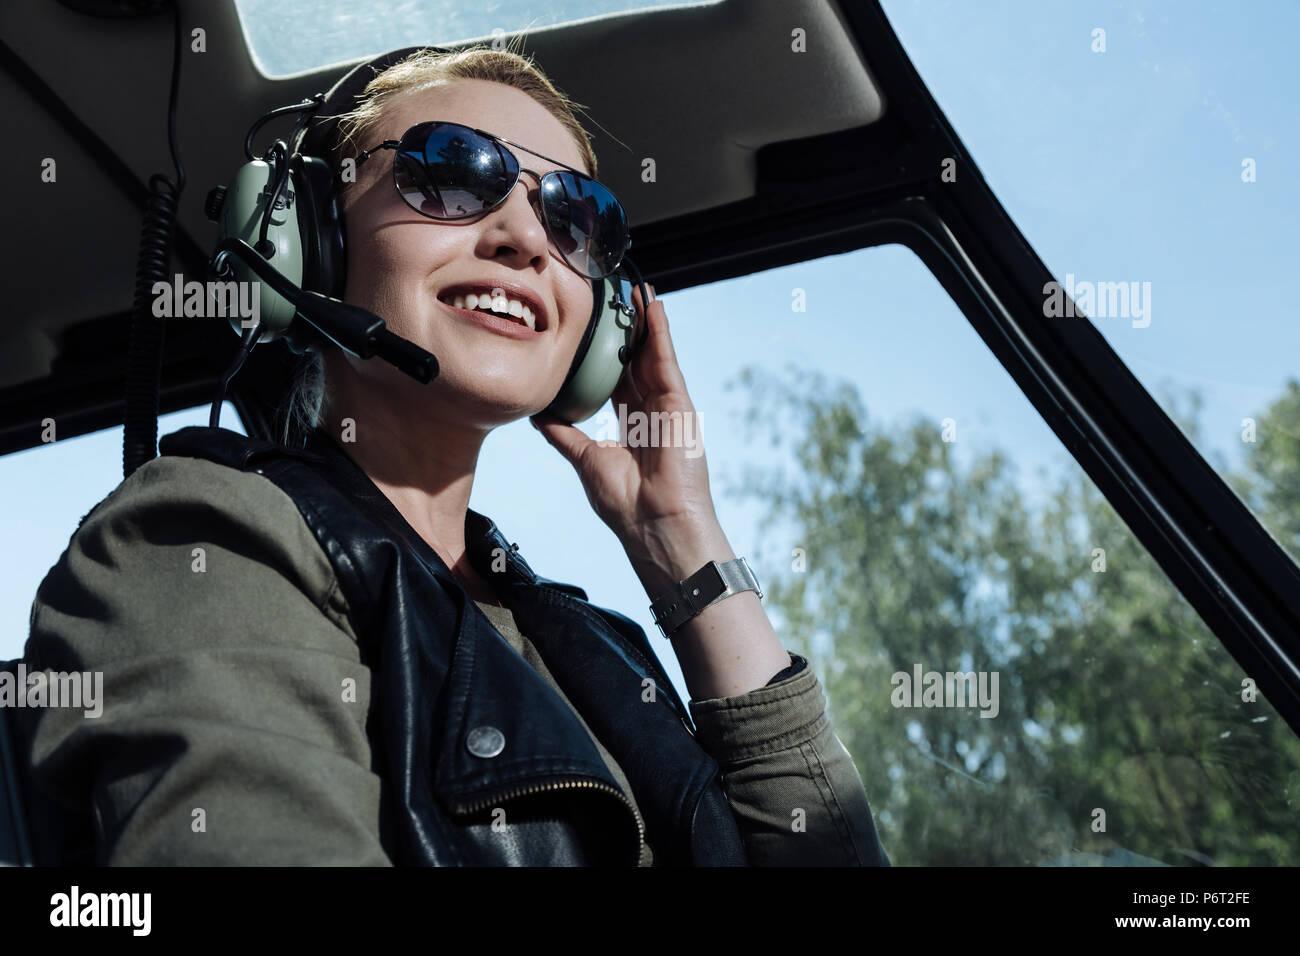 Fröhliche Hubschrauberpilot lächelnd, während sie Air traffic controller Stockbild